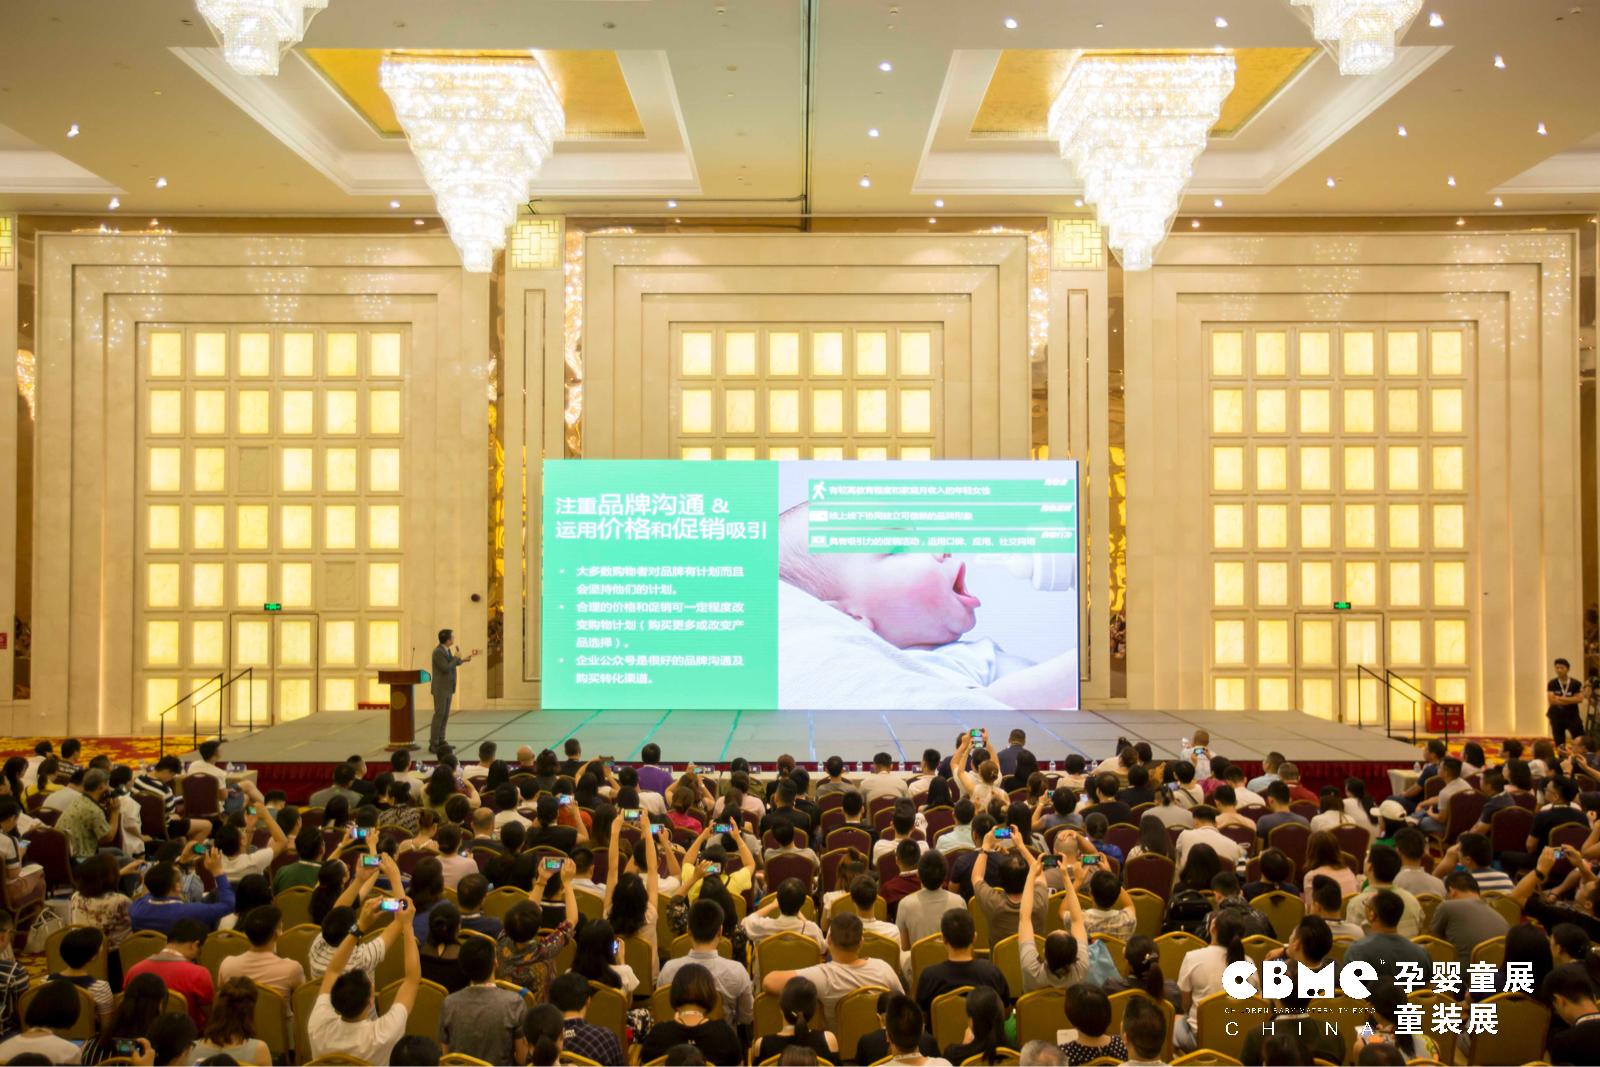 第18届 CBME 中国孕婴童展精彩活动瞬间.jpg